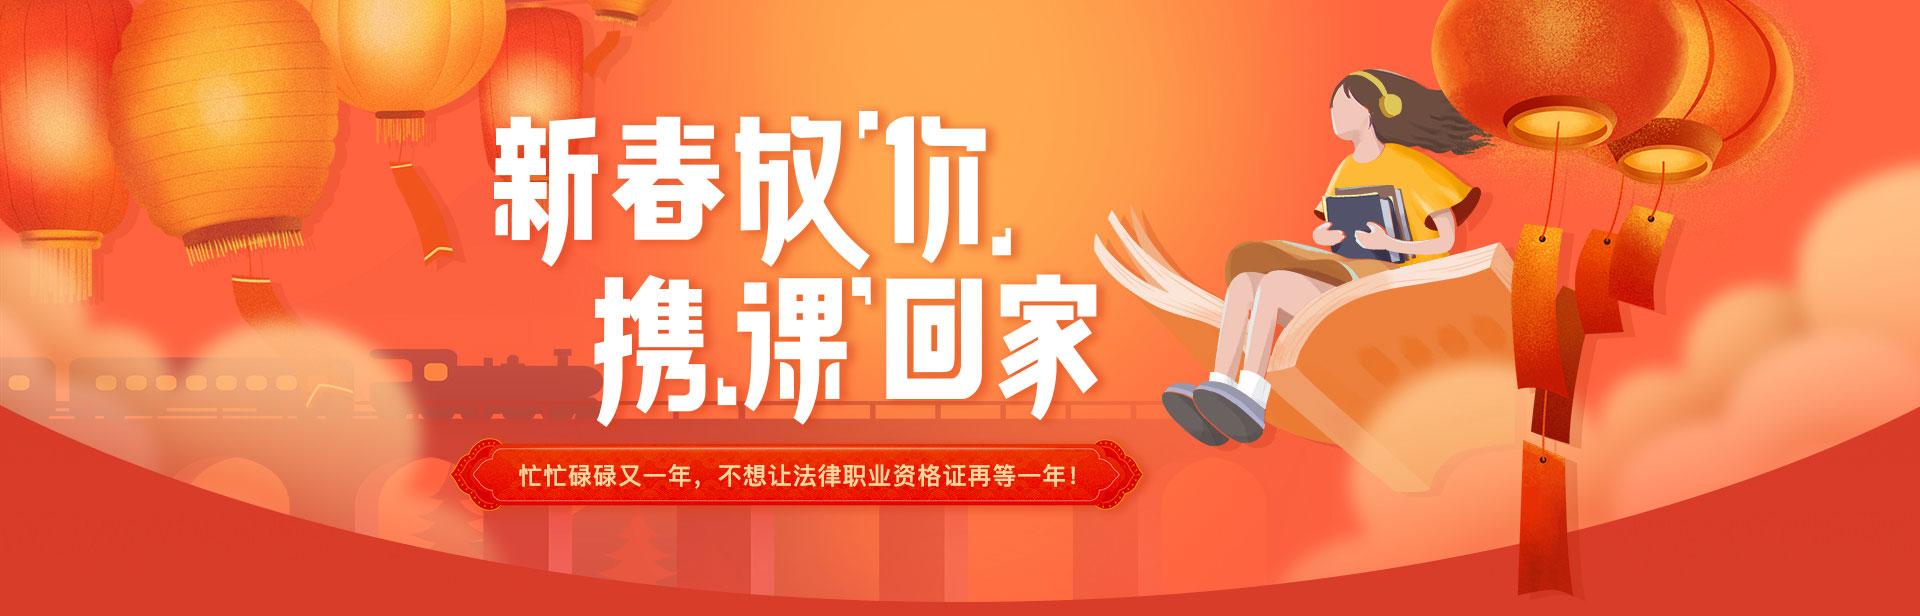 """PC页面-新春放""""价"""",携""""课""""回家1920x_01.jpg"""